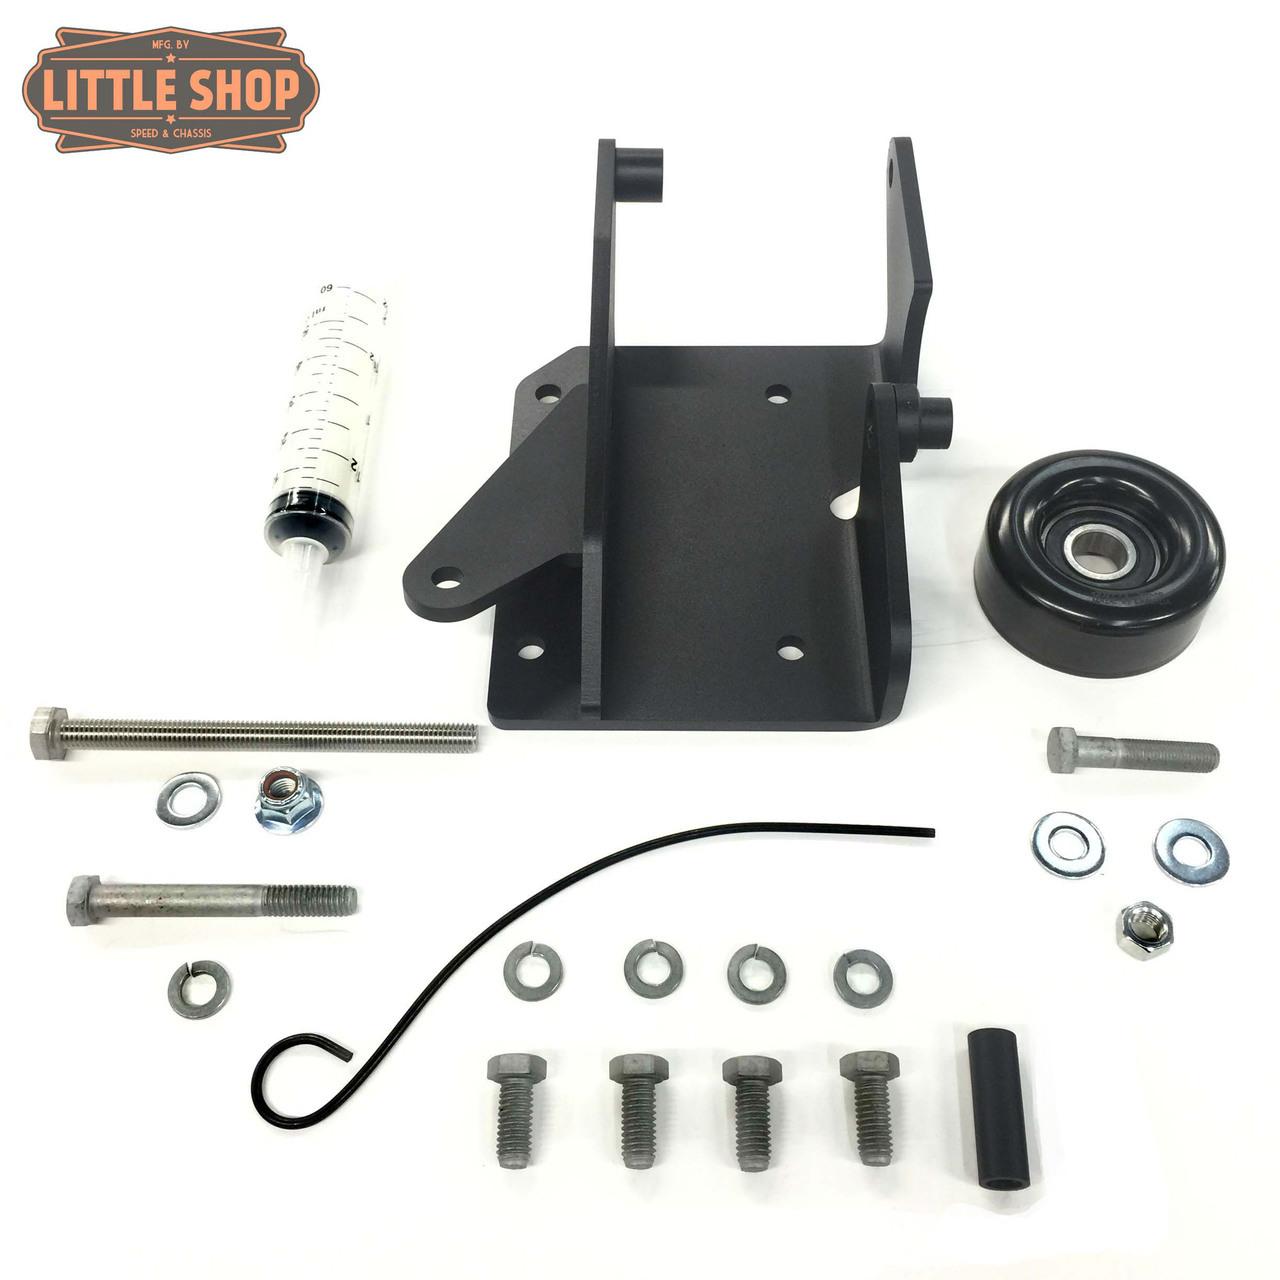 LSMFG-Pre V-JYD 90'-95' GM 4.3, 5.0, 5.7 Pre-Vortec Engine Driven Compressor Junkyard Dog Kit (Bracket, Hardware and pulley only)